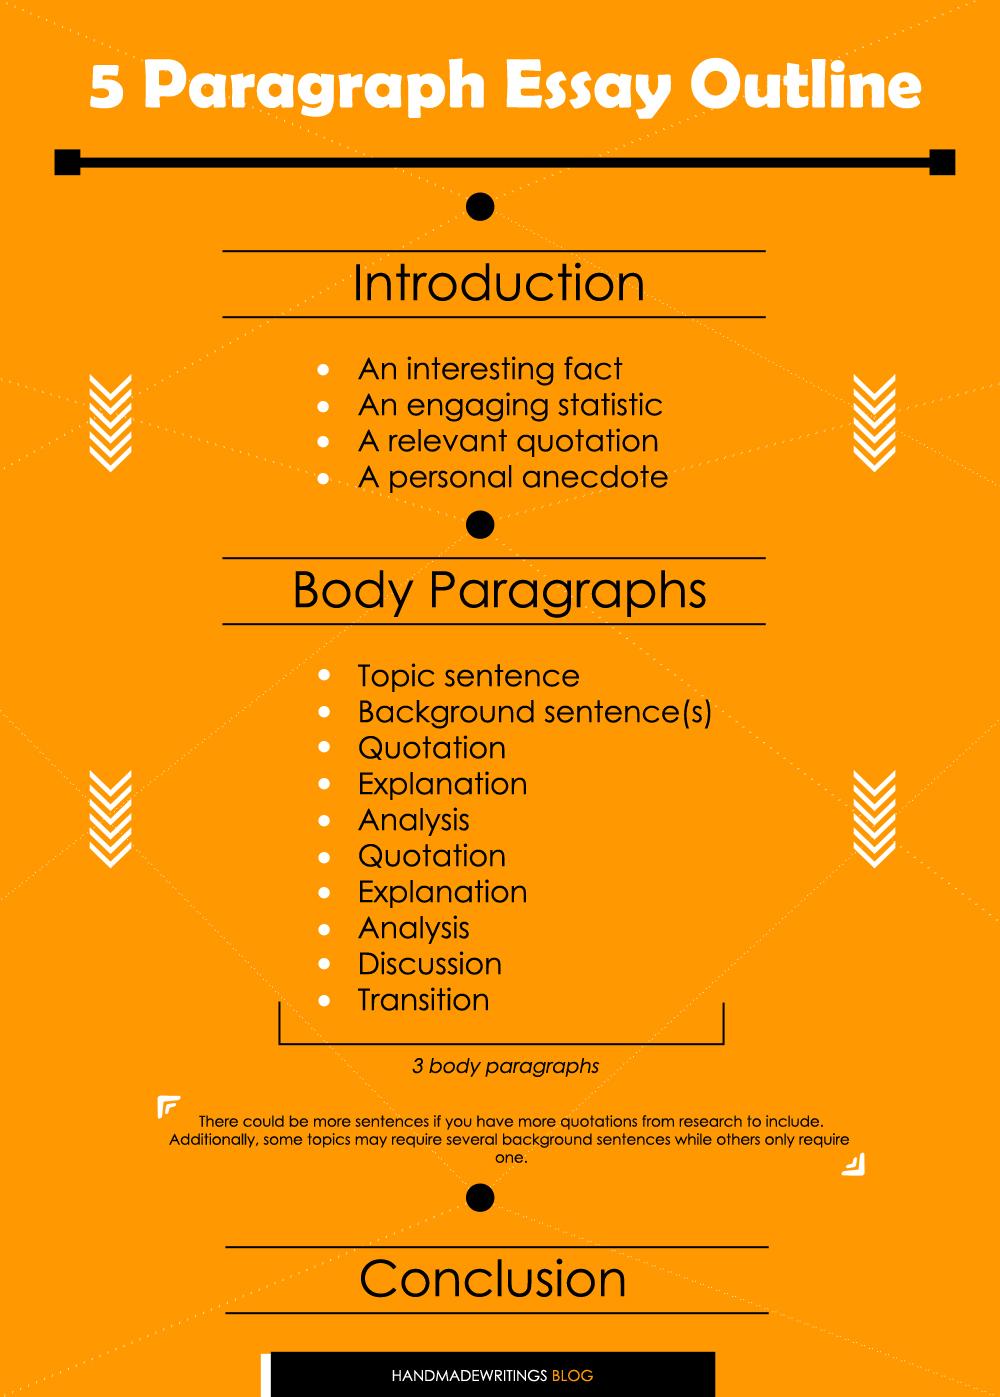 5 Paragraph Essay Outline Structure